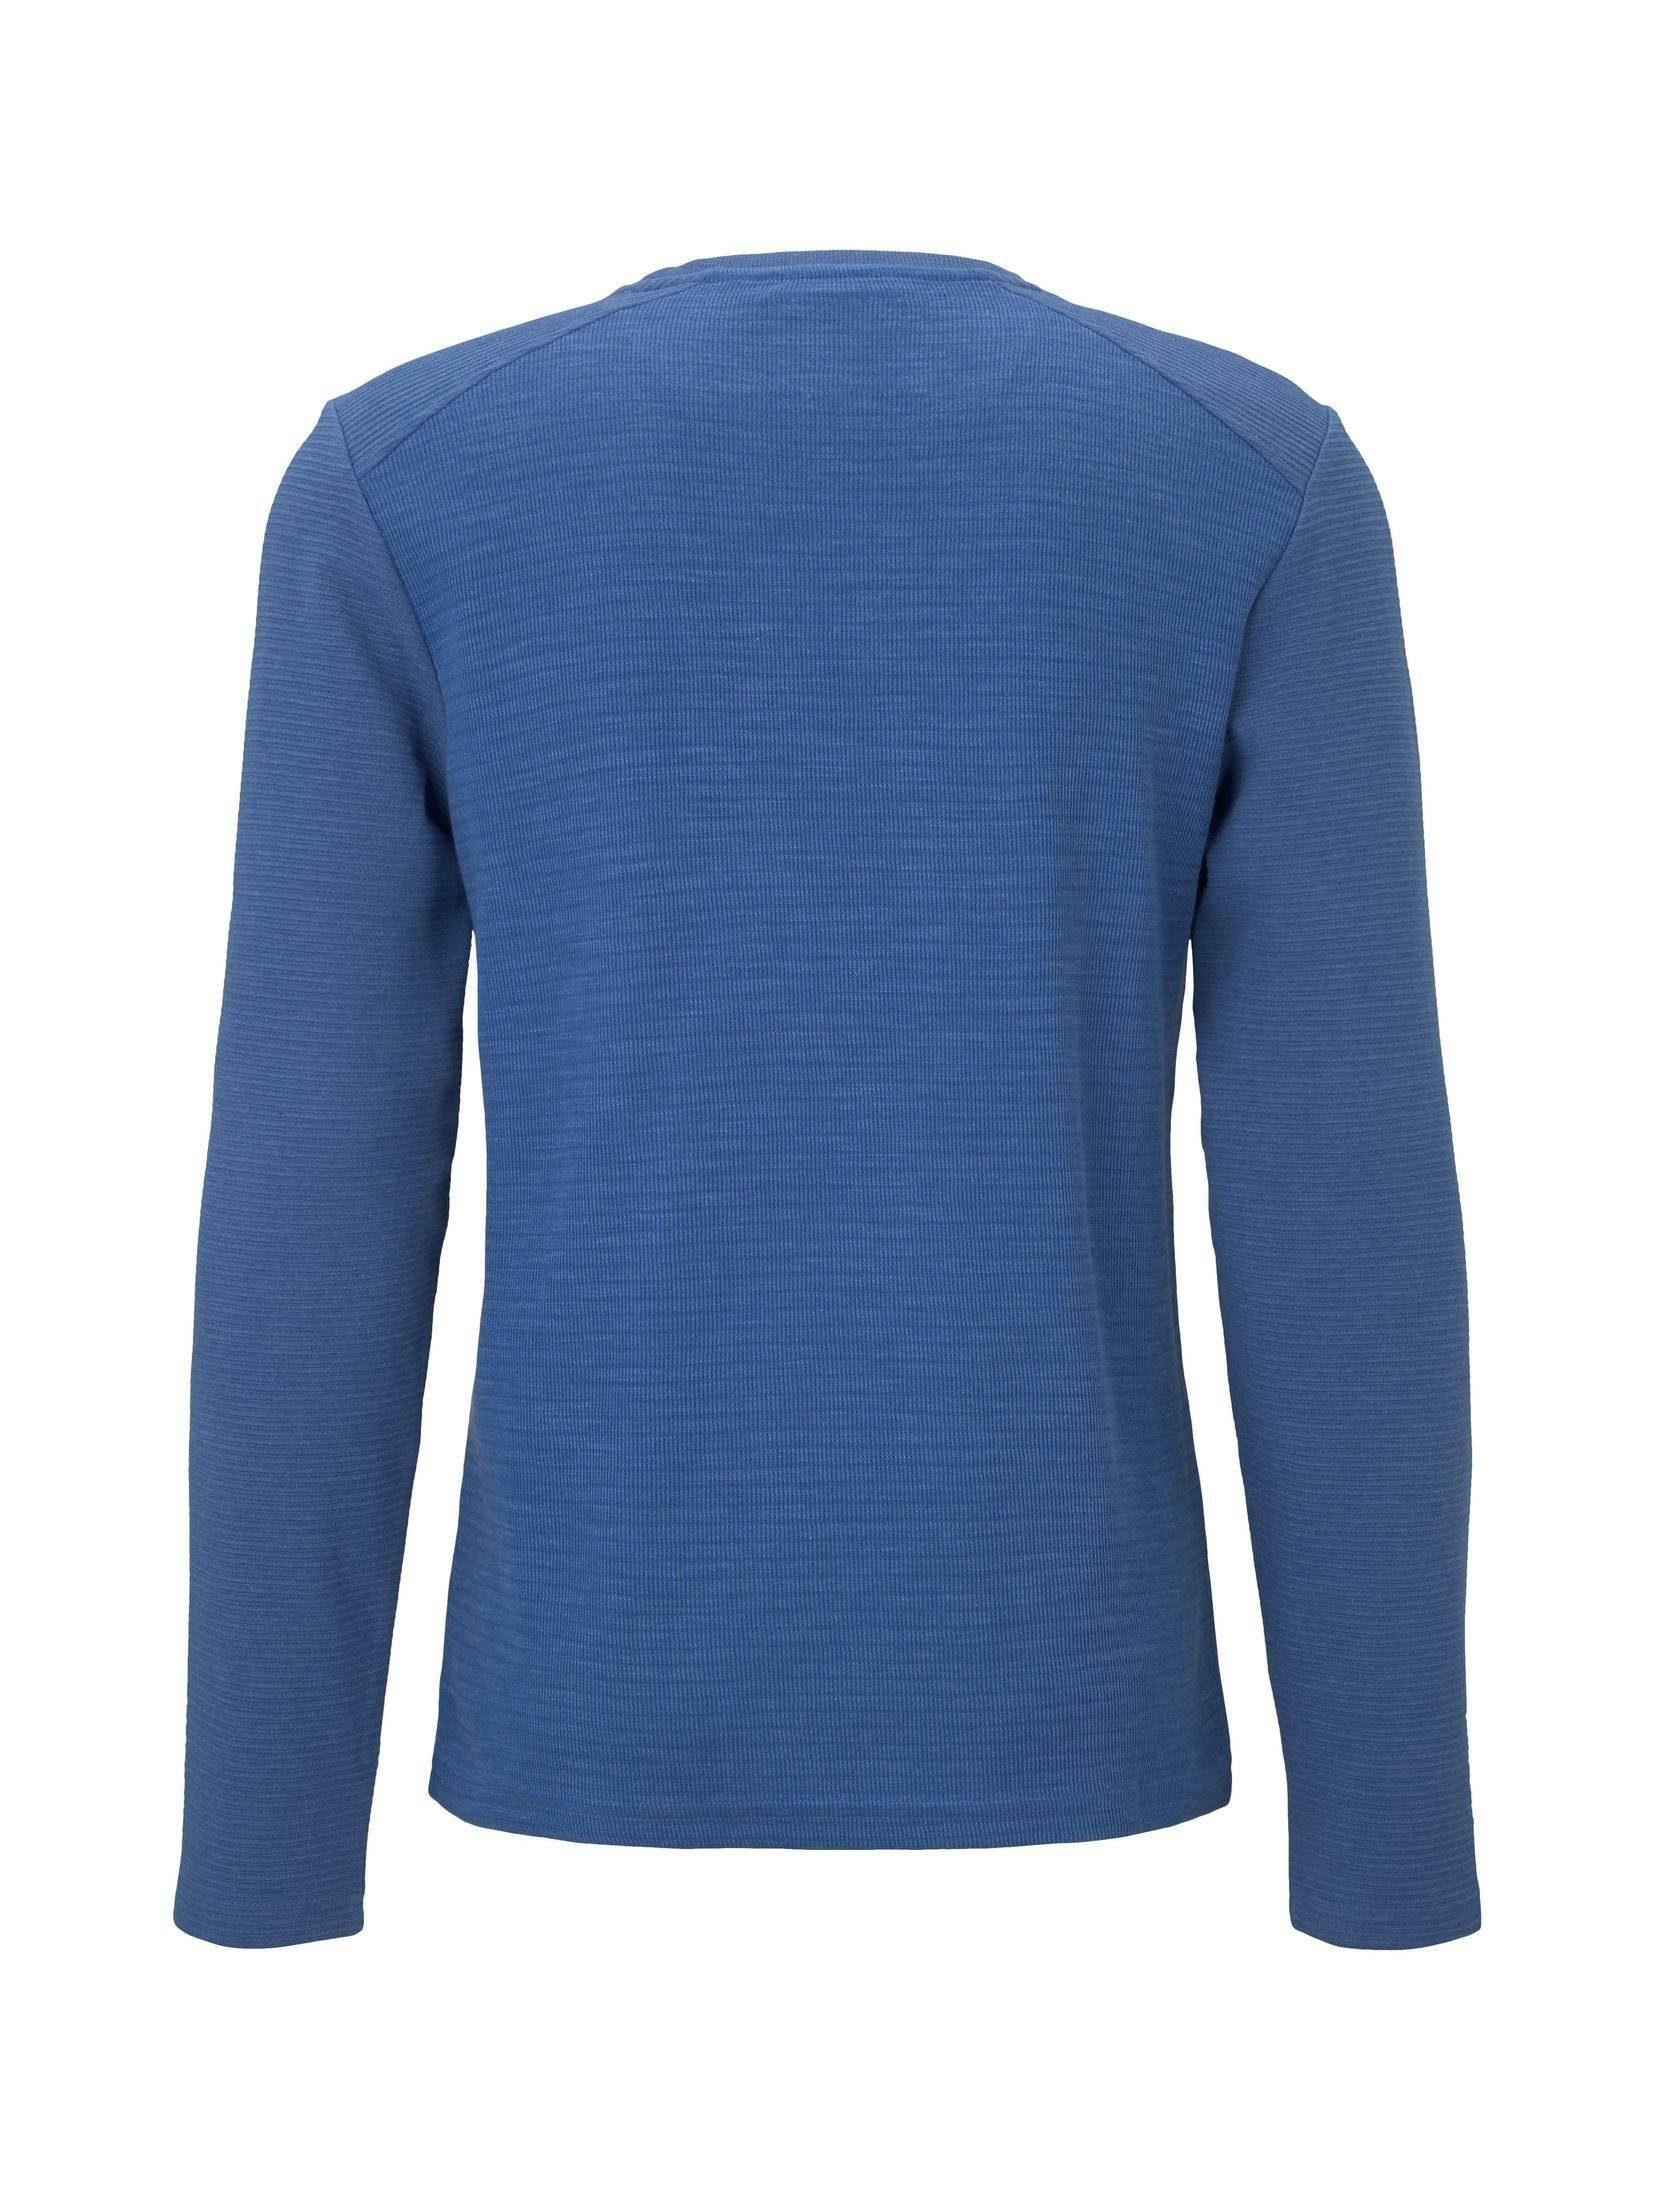 TOM TAILOR Sweatshirt Sweatshirt mit Brusttasche